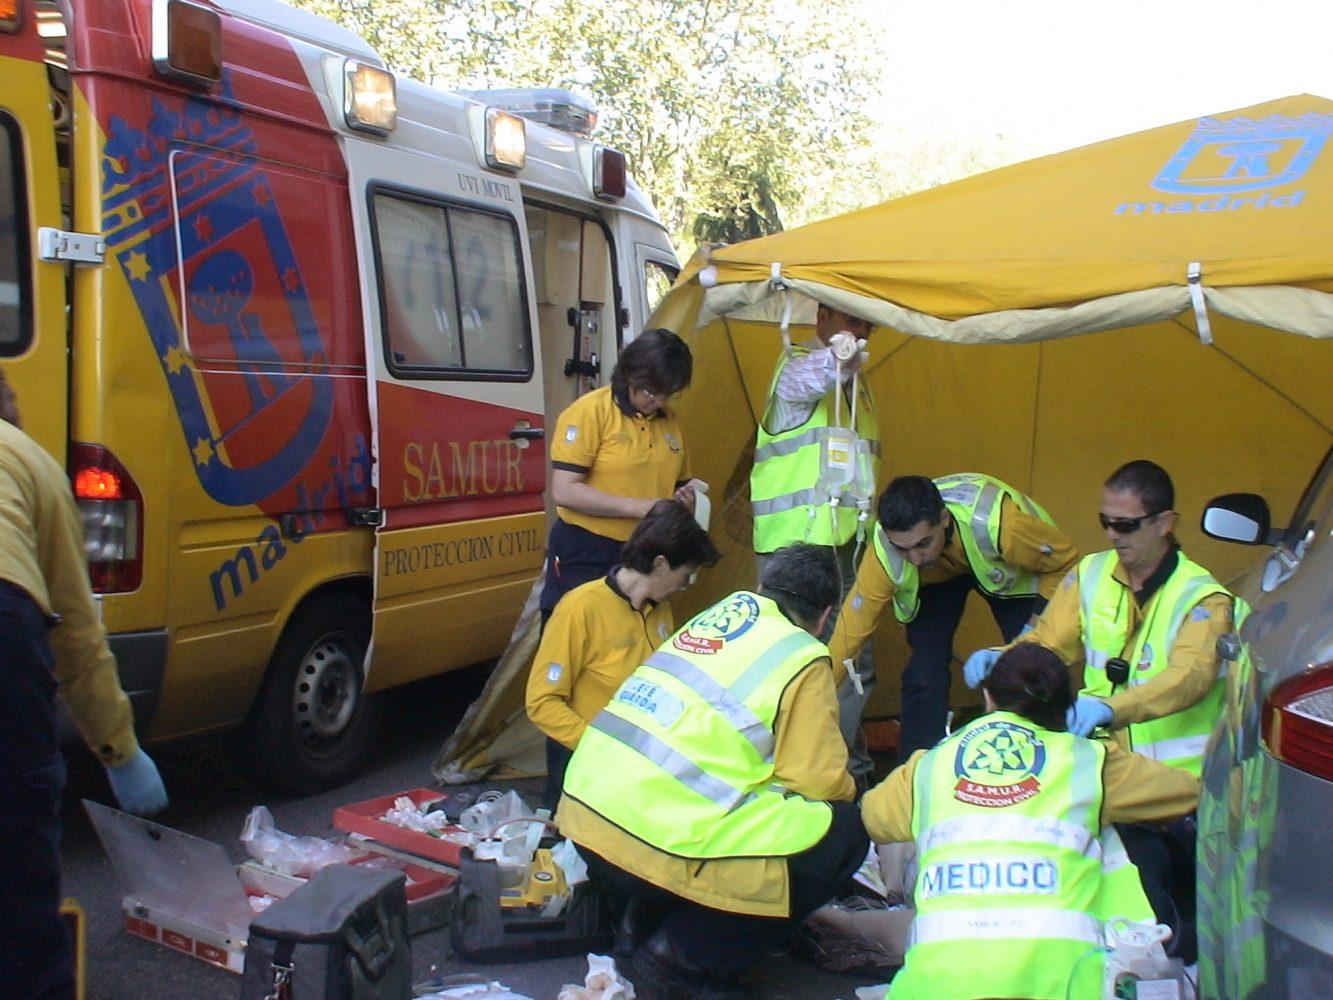 File:Intervención del SAMUR en la calle Ferraz.jpg